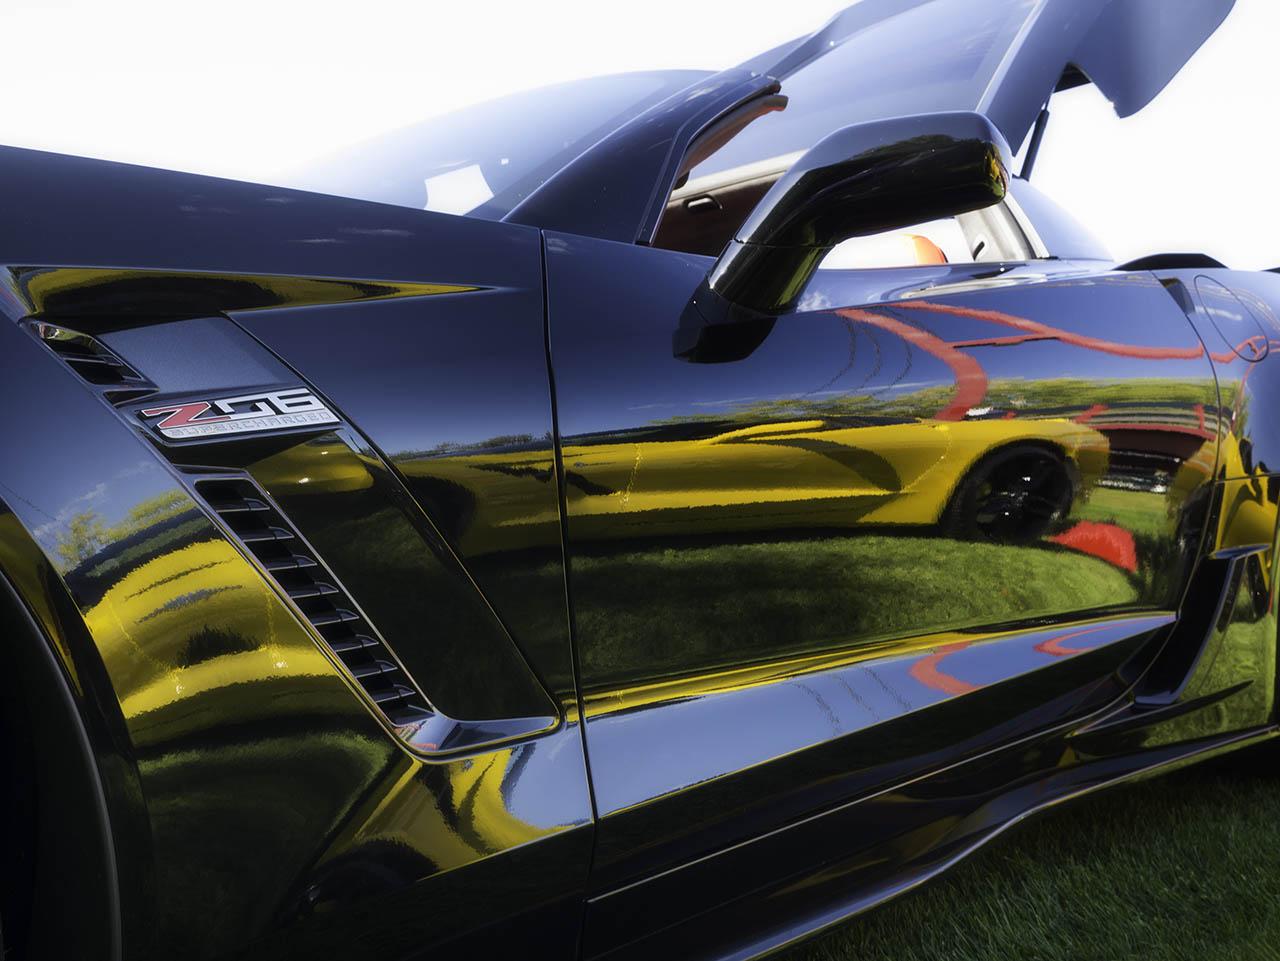 St Albert Car Show August